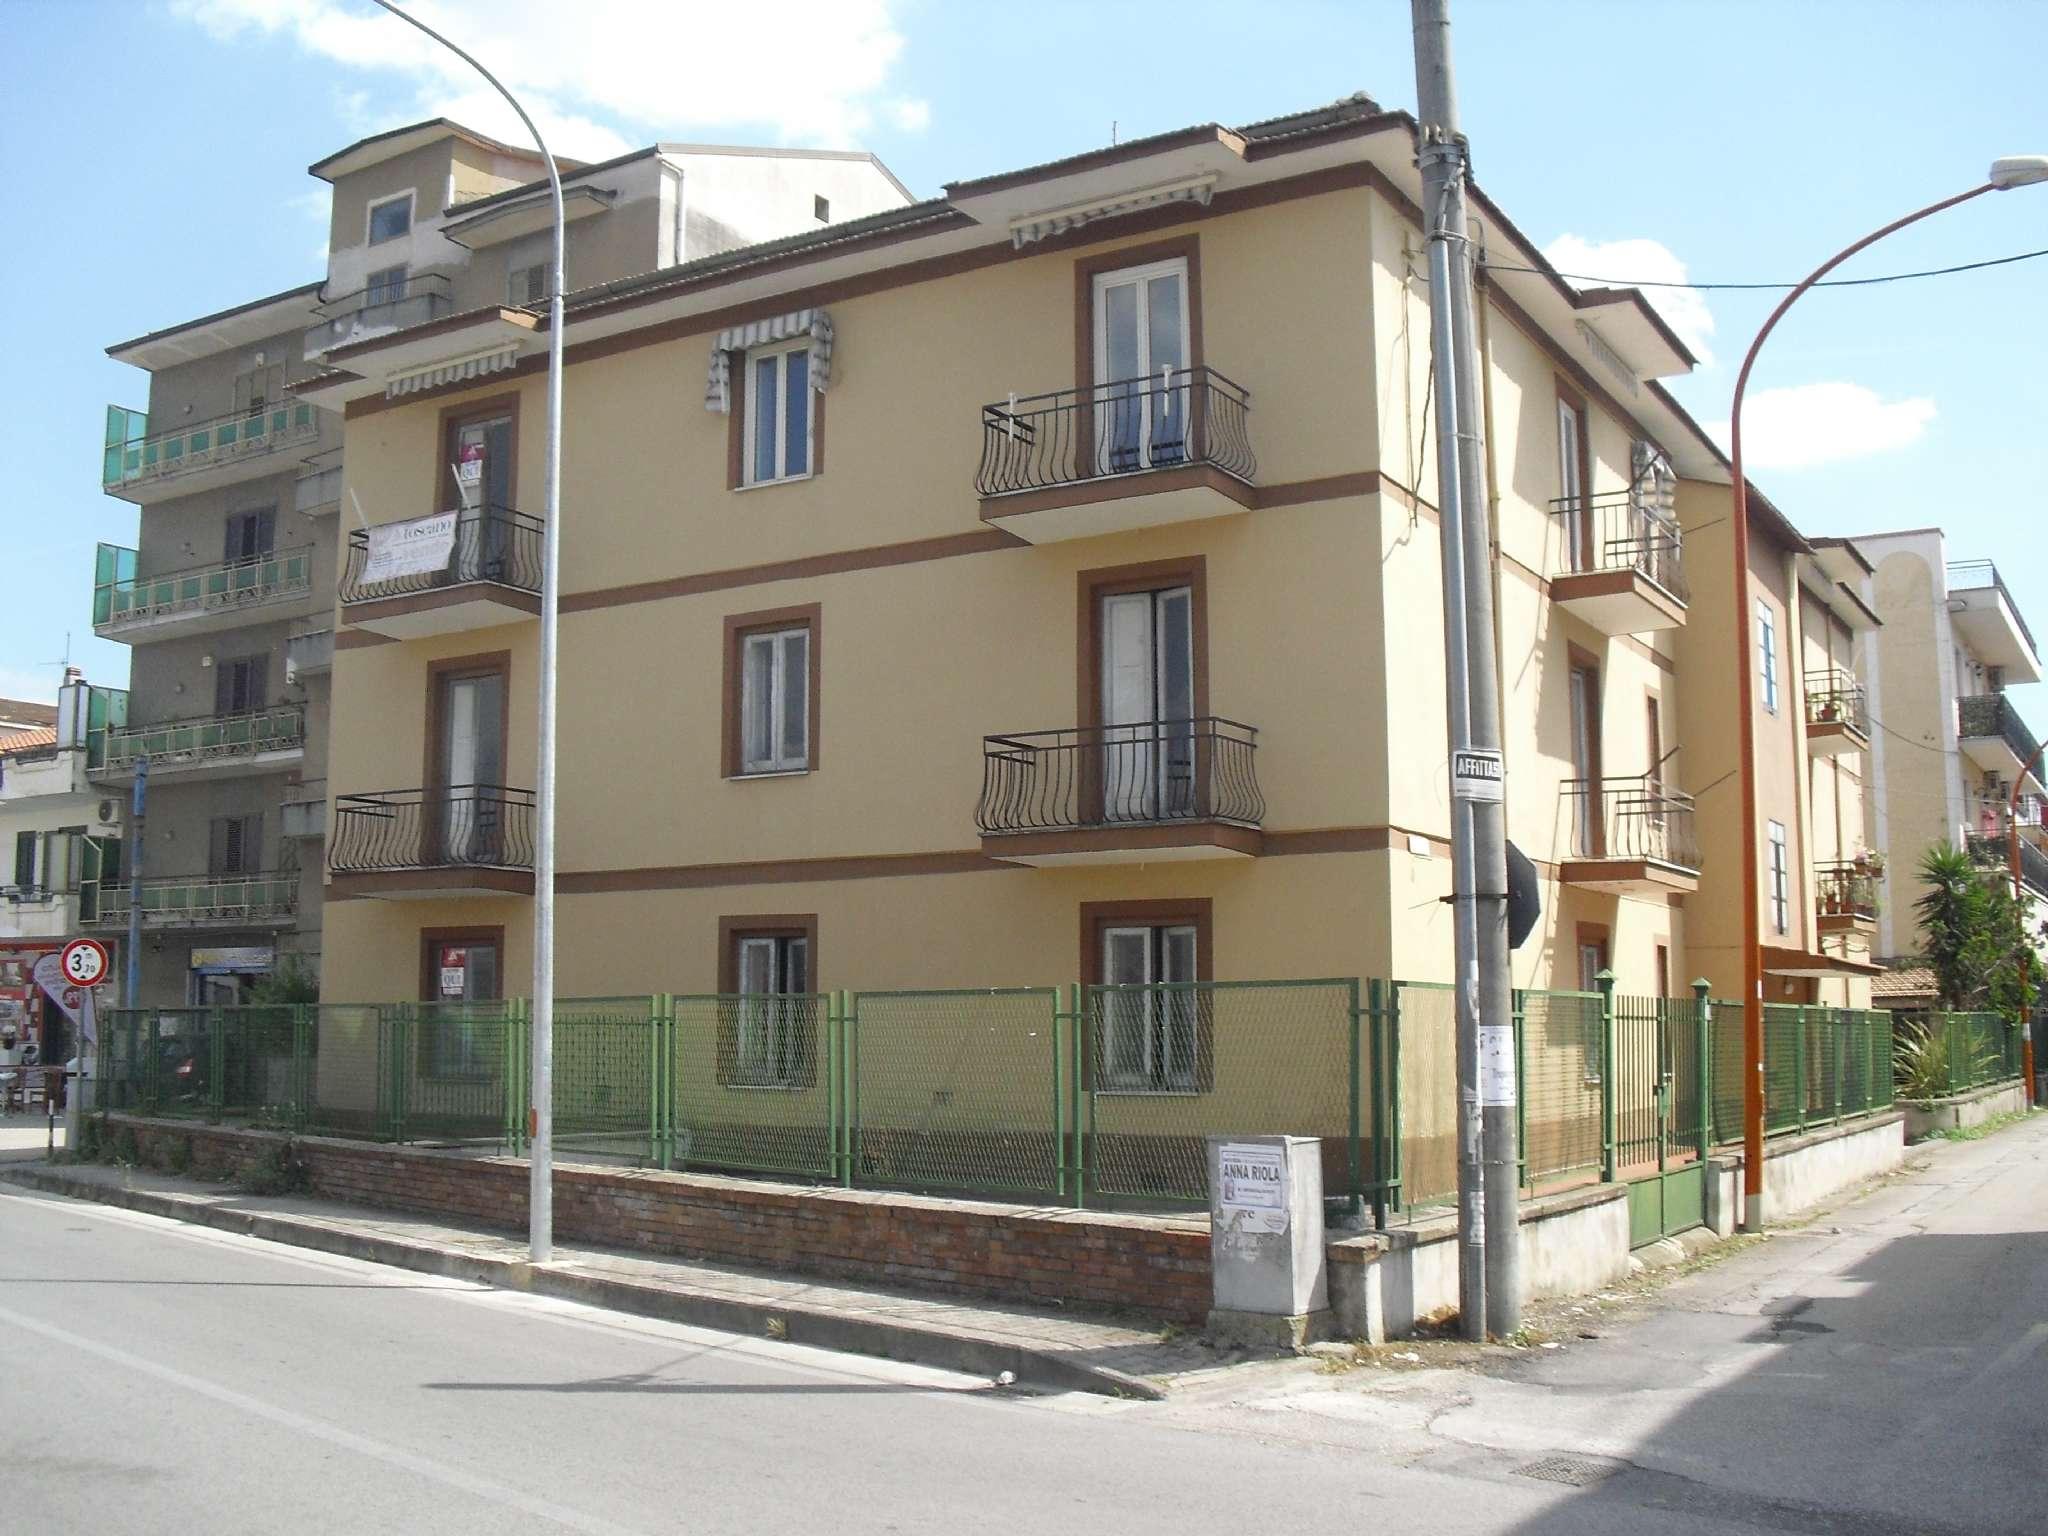 Appartamento in vendita a Casapulla, 3 locali, prezzo € 69.000 | Cambio Casa.it